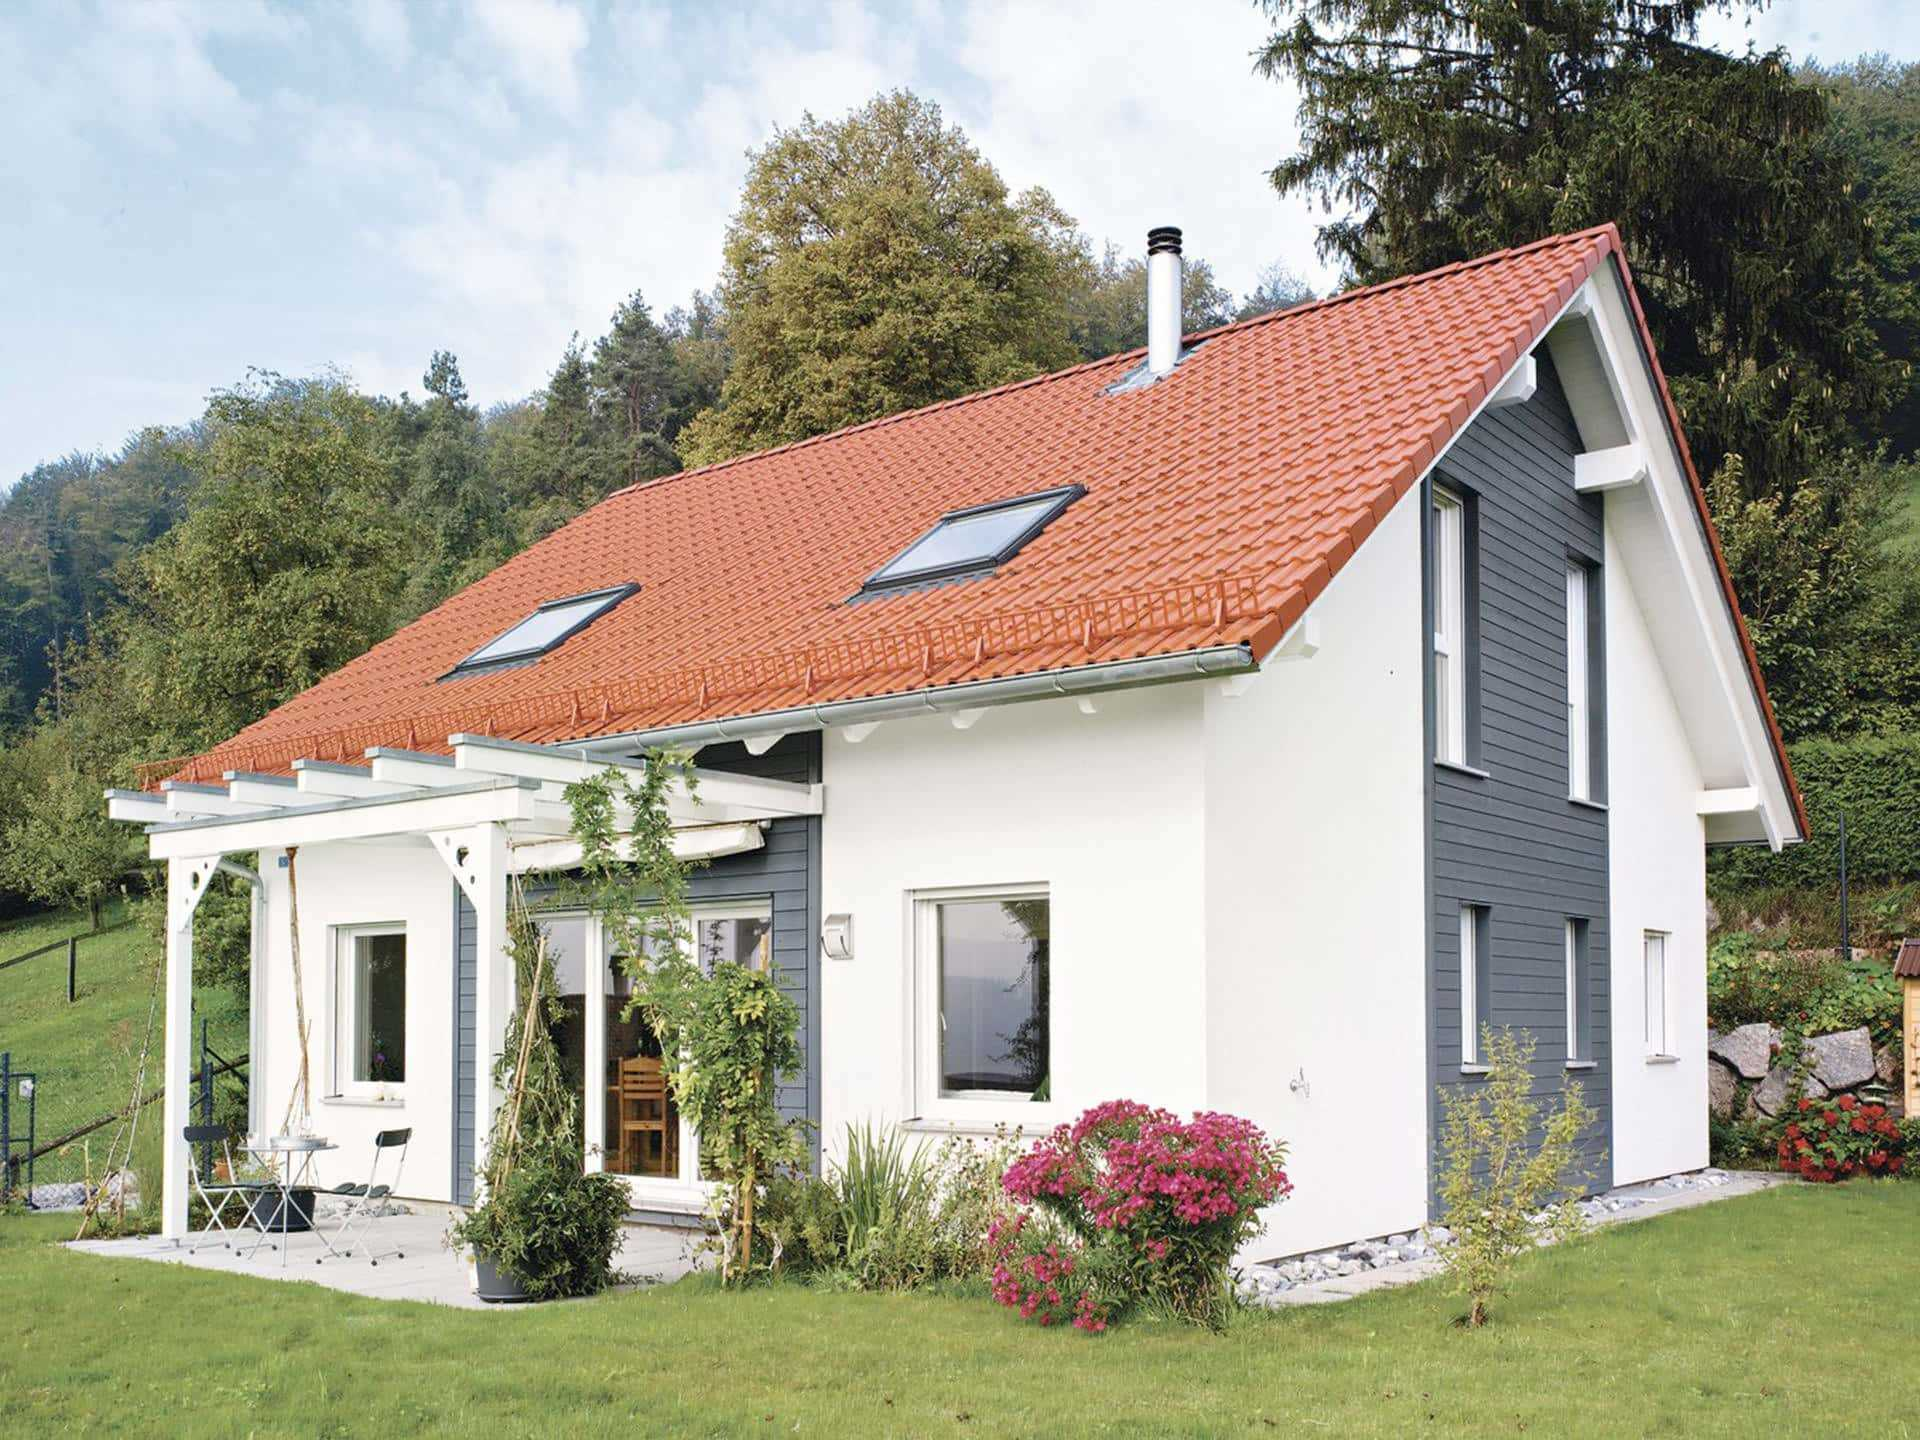 Einfamilienhaus bauen hausbeispiele mit grundrissen for Einfamilienhaus klassisch